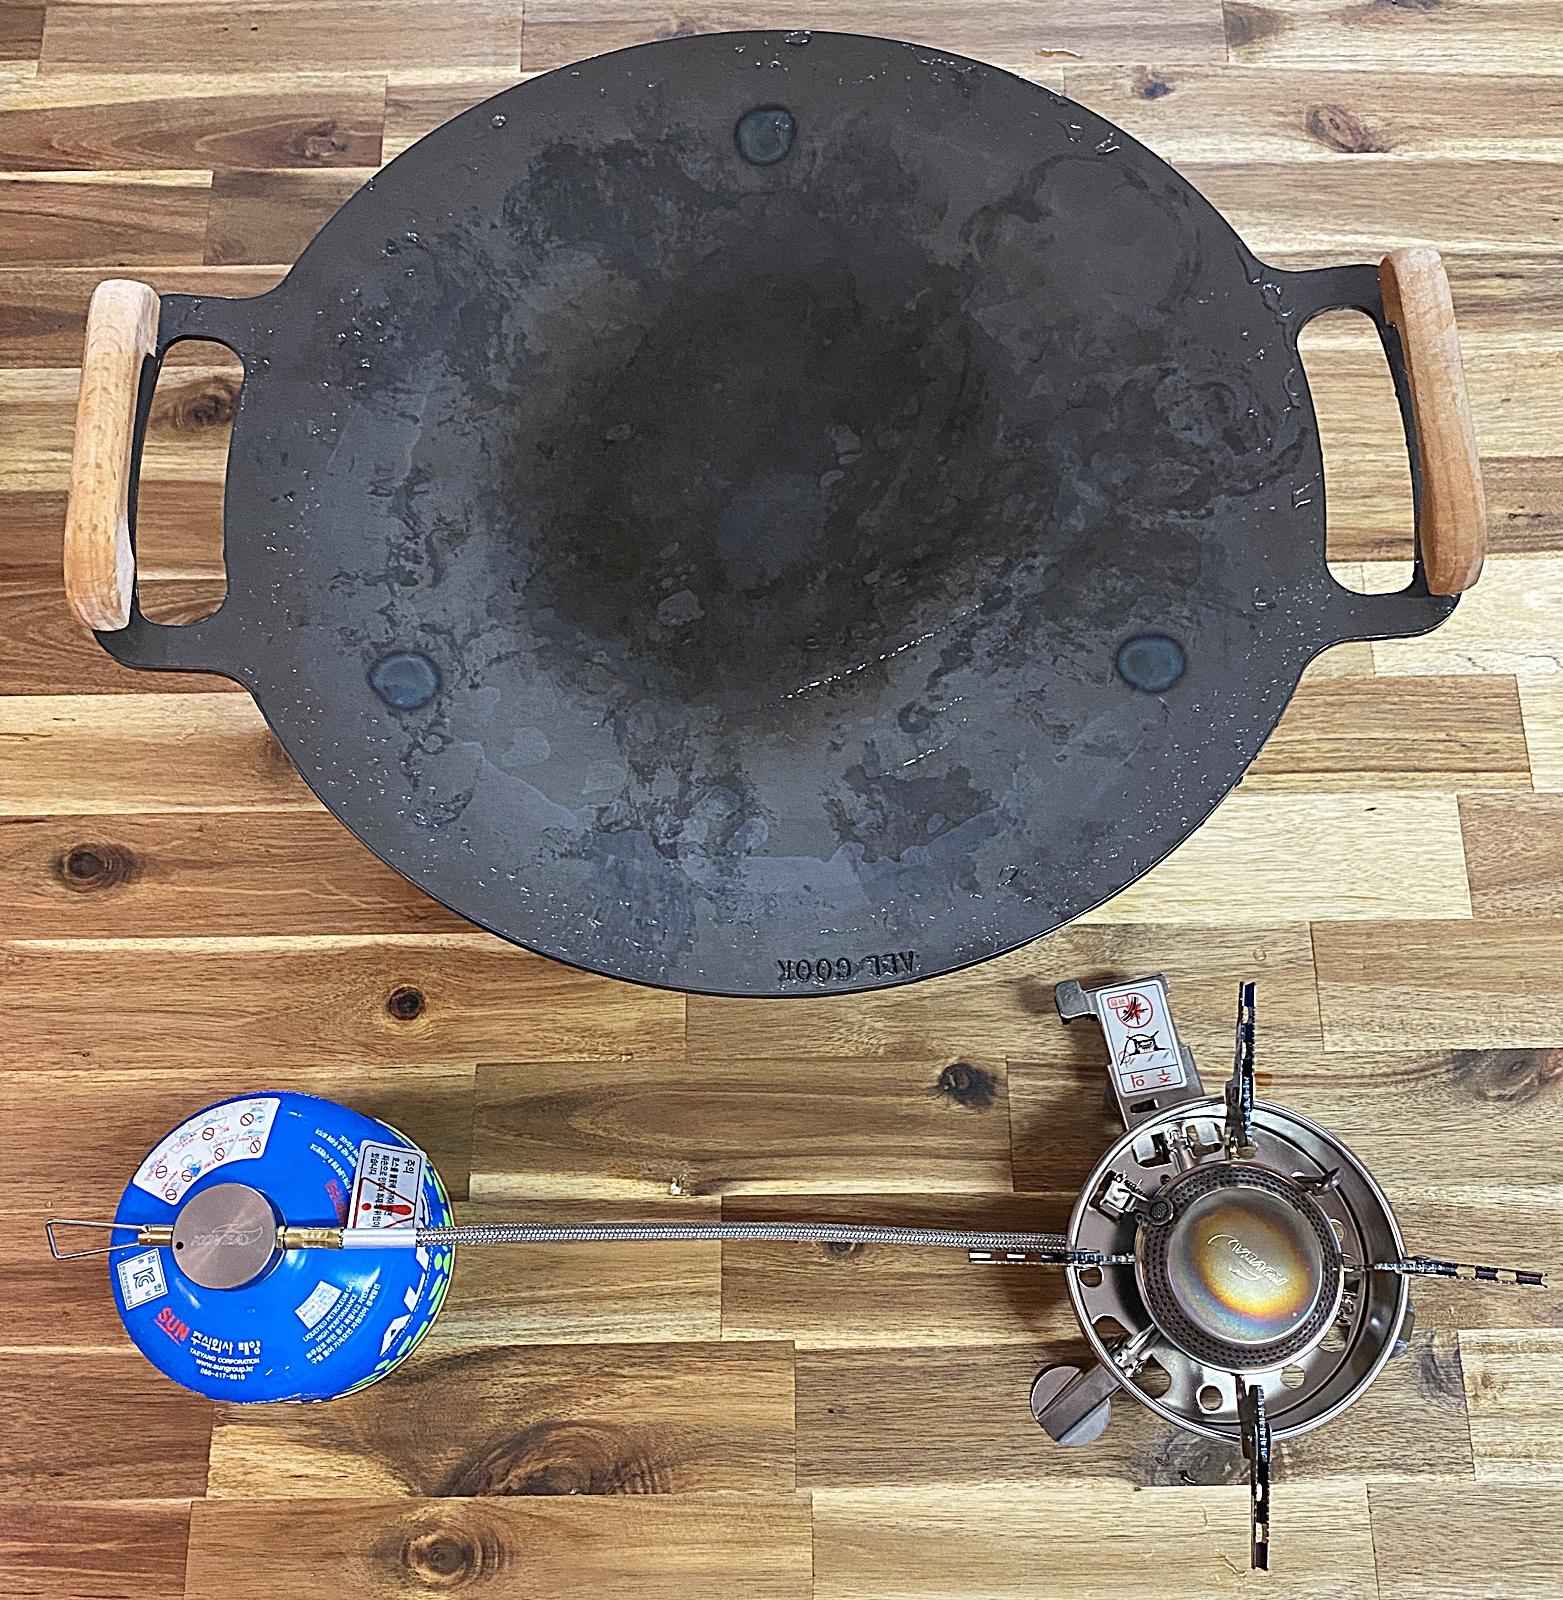 그리들 콩기름 발연점 측정 도구